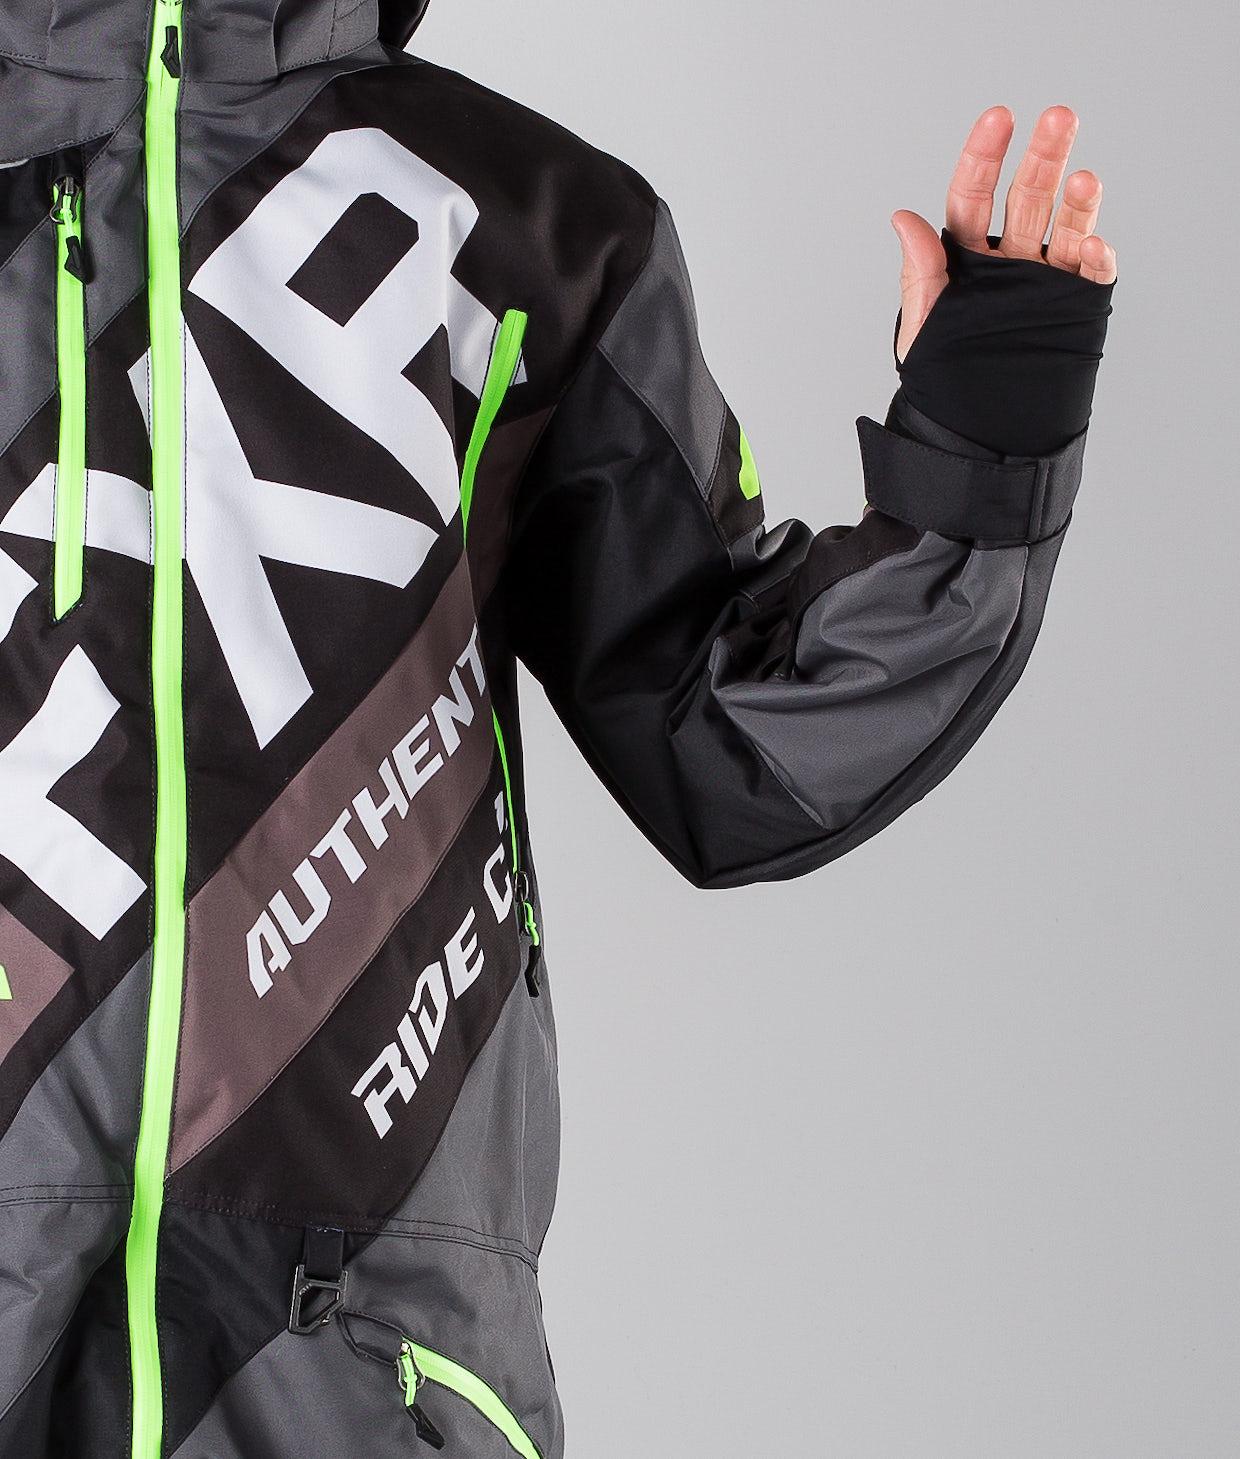 Kjøp CX Lite Overall fra FXR på Ridestore.no - Hos oss har du alltid fri frakt, fri retur og 30 dagers åpent kjøp!